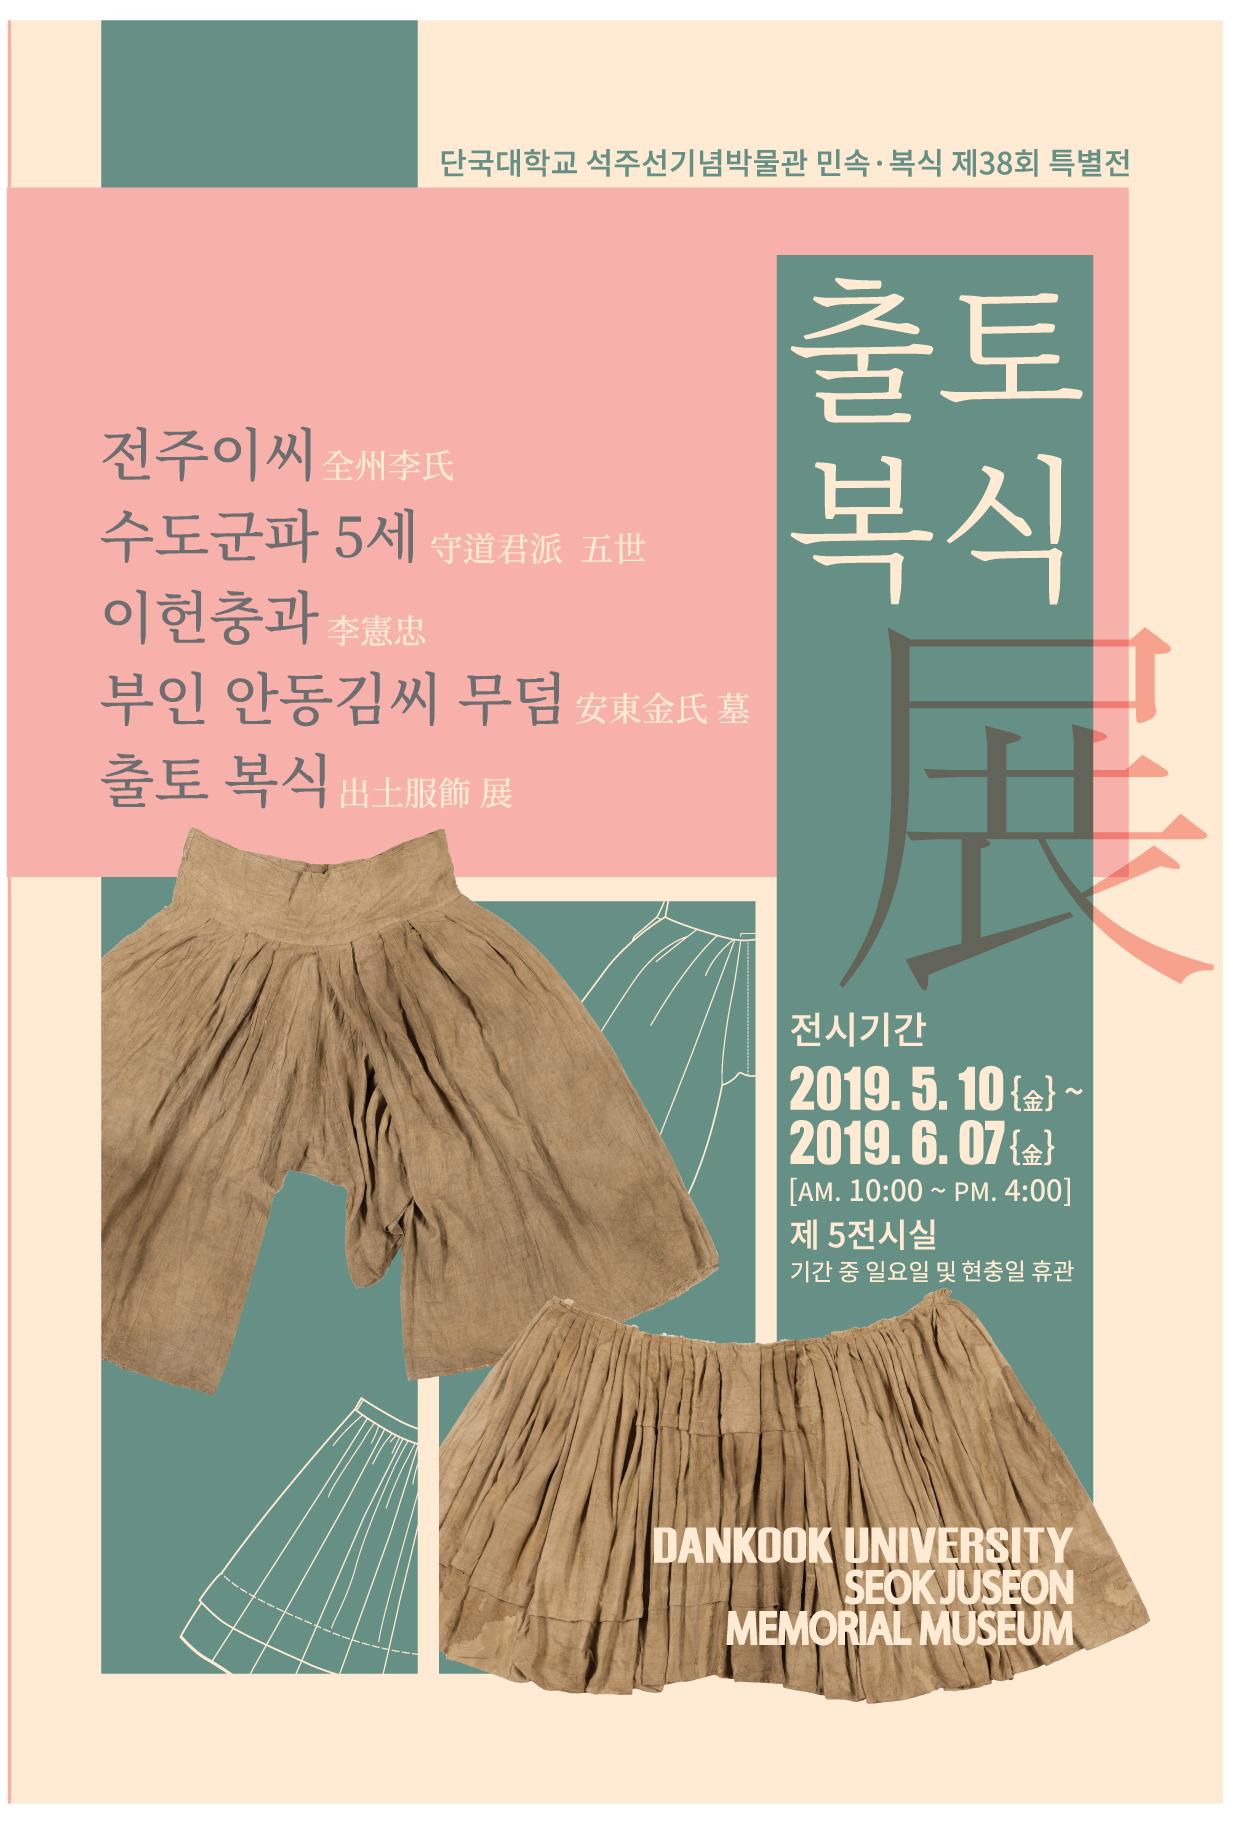 19 민속복식 38회 특별전.jpg